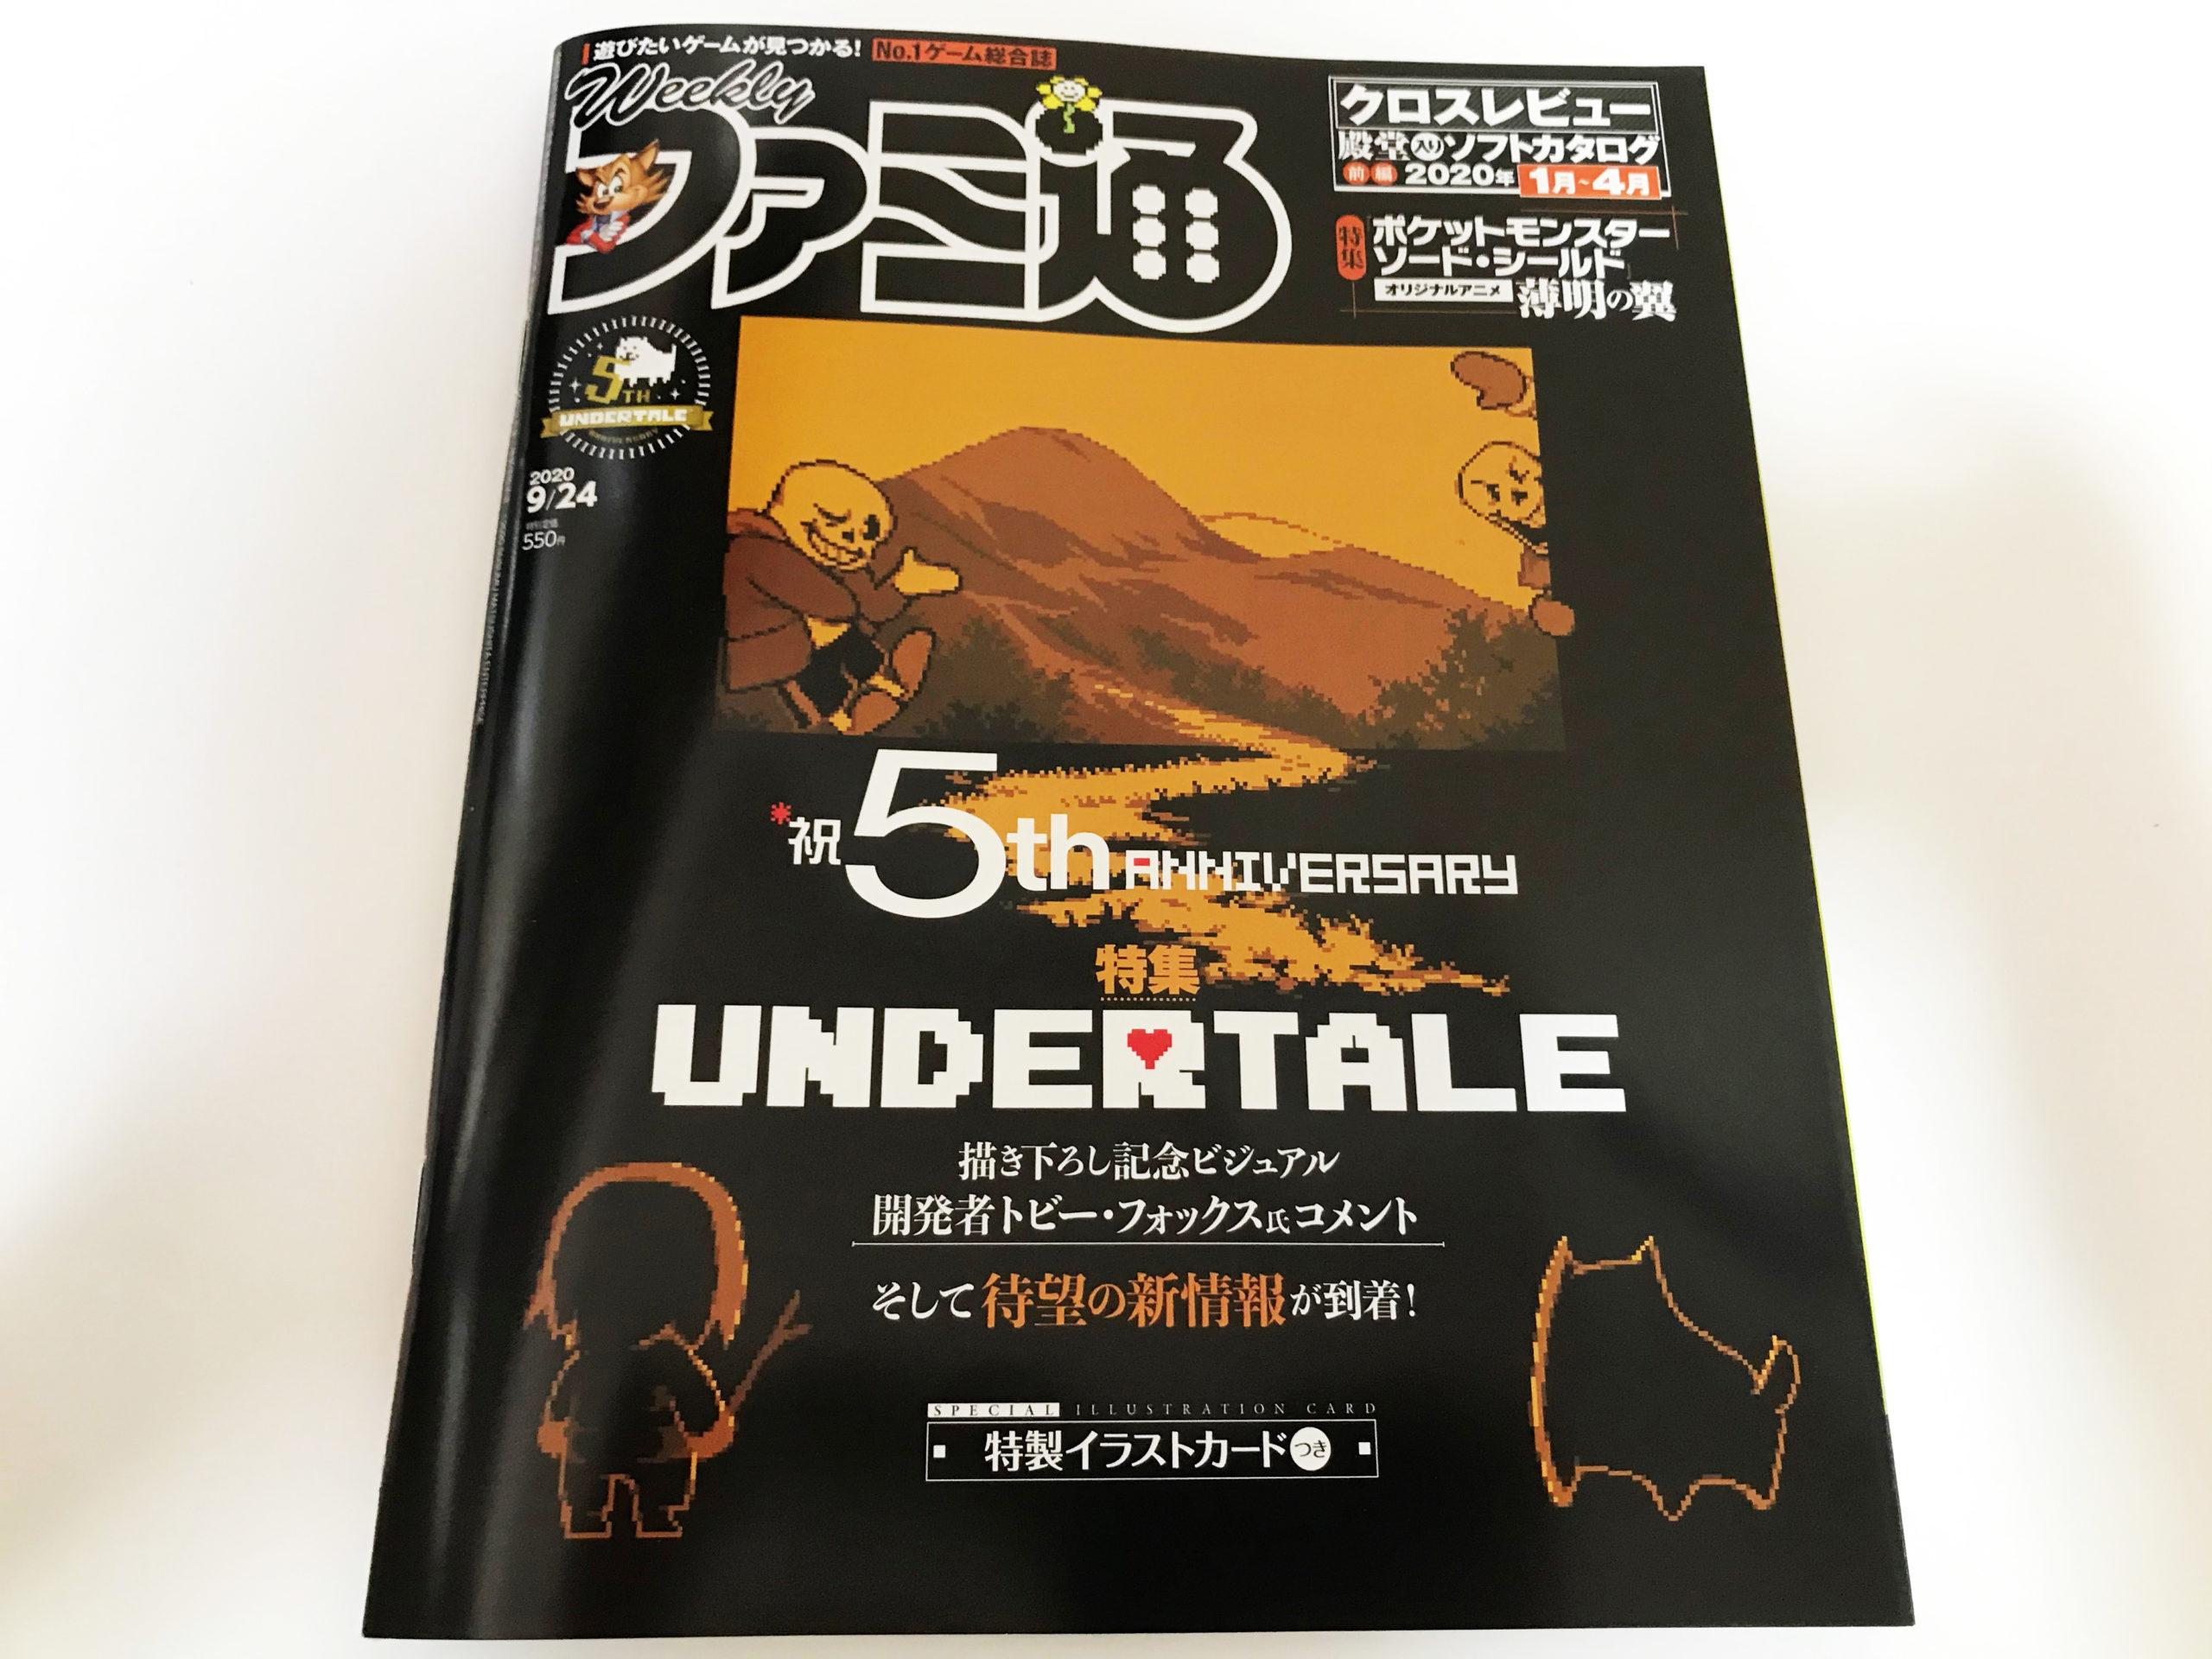 週刊ファミ通 2020年9月24日号 No.1658